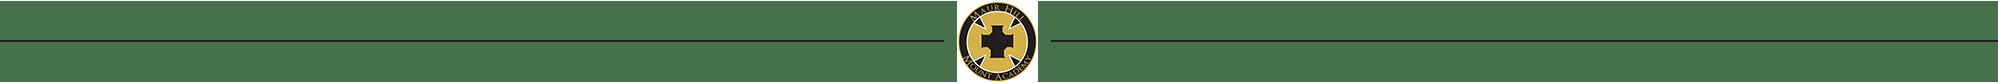 Maur Hill logo divider